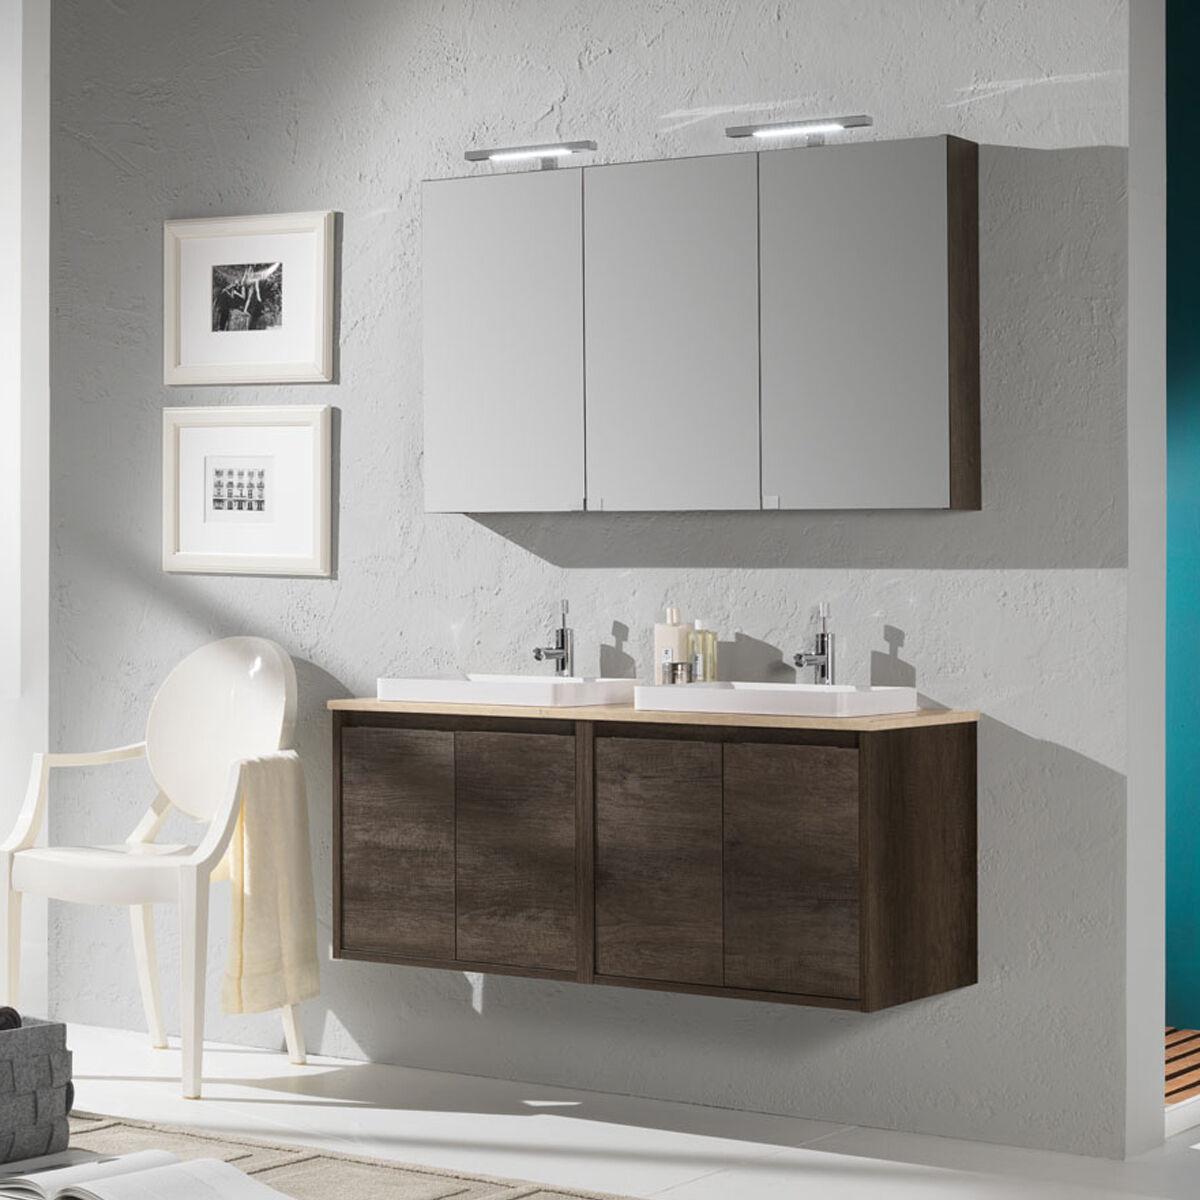 Falegnameria-Adriatica Mobile bagno sospeso Loto25 cm 120x190x46 rovere scuro